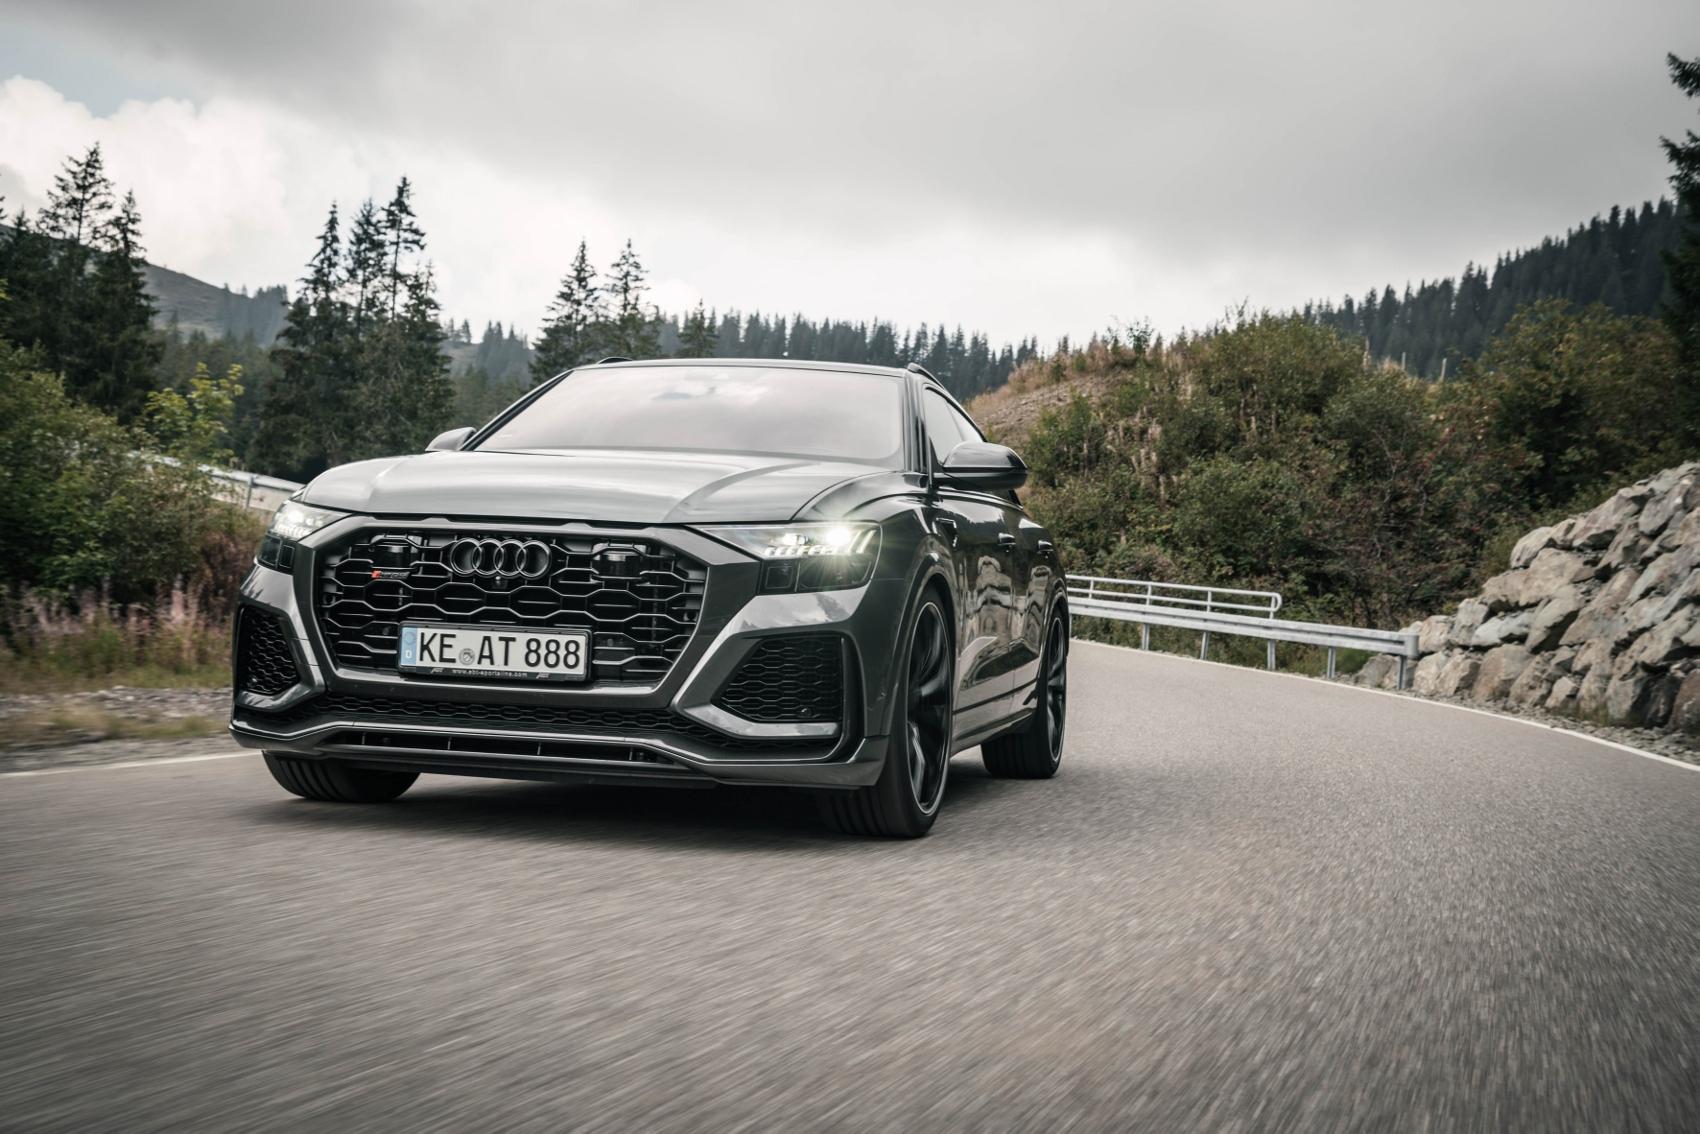 ABT vylepšilo Audi RS Q8. Dostalo nový výfuk a vyšší výkon